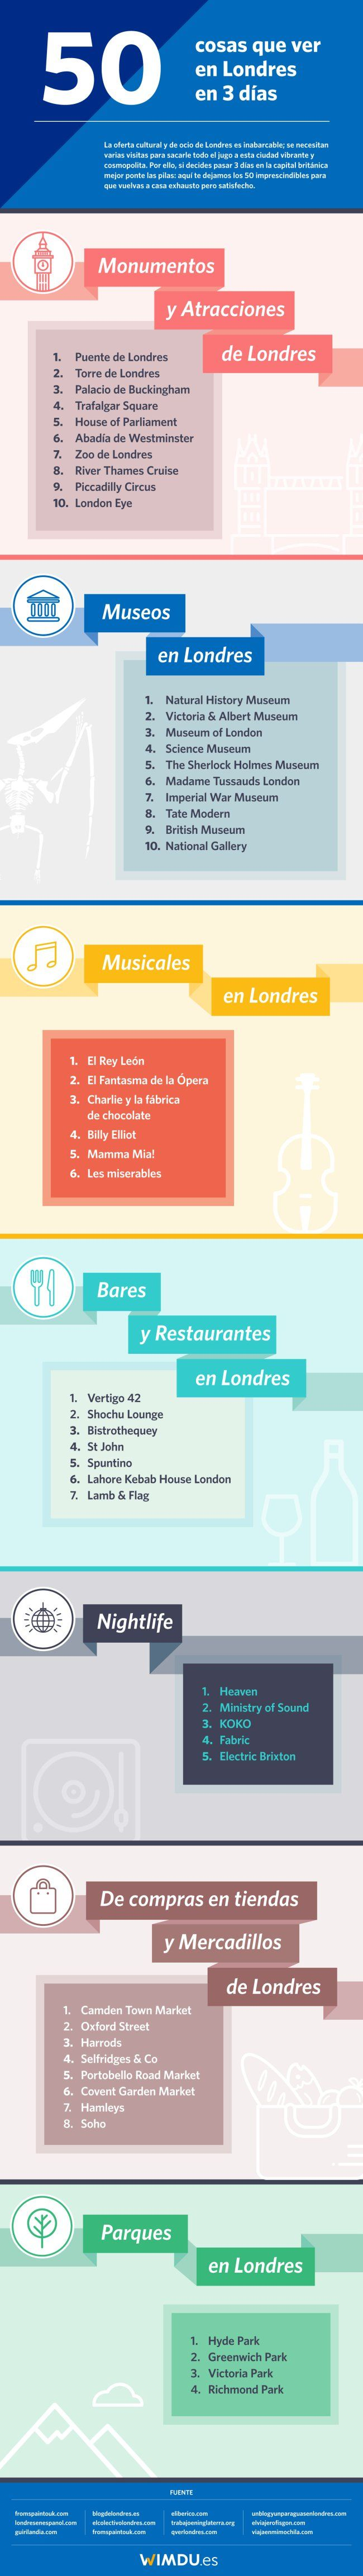 50 cosas que ver y hacer en Londres